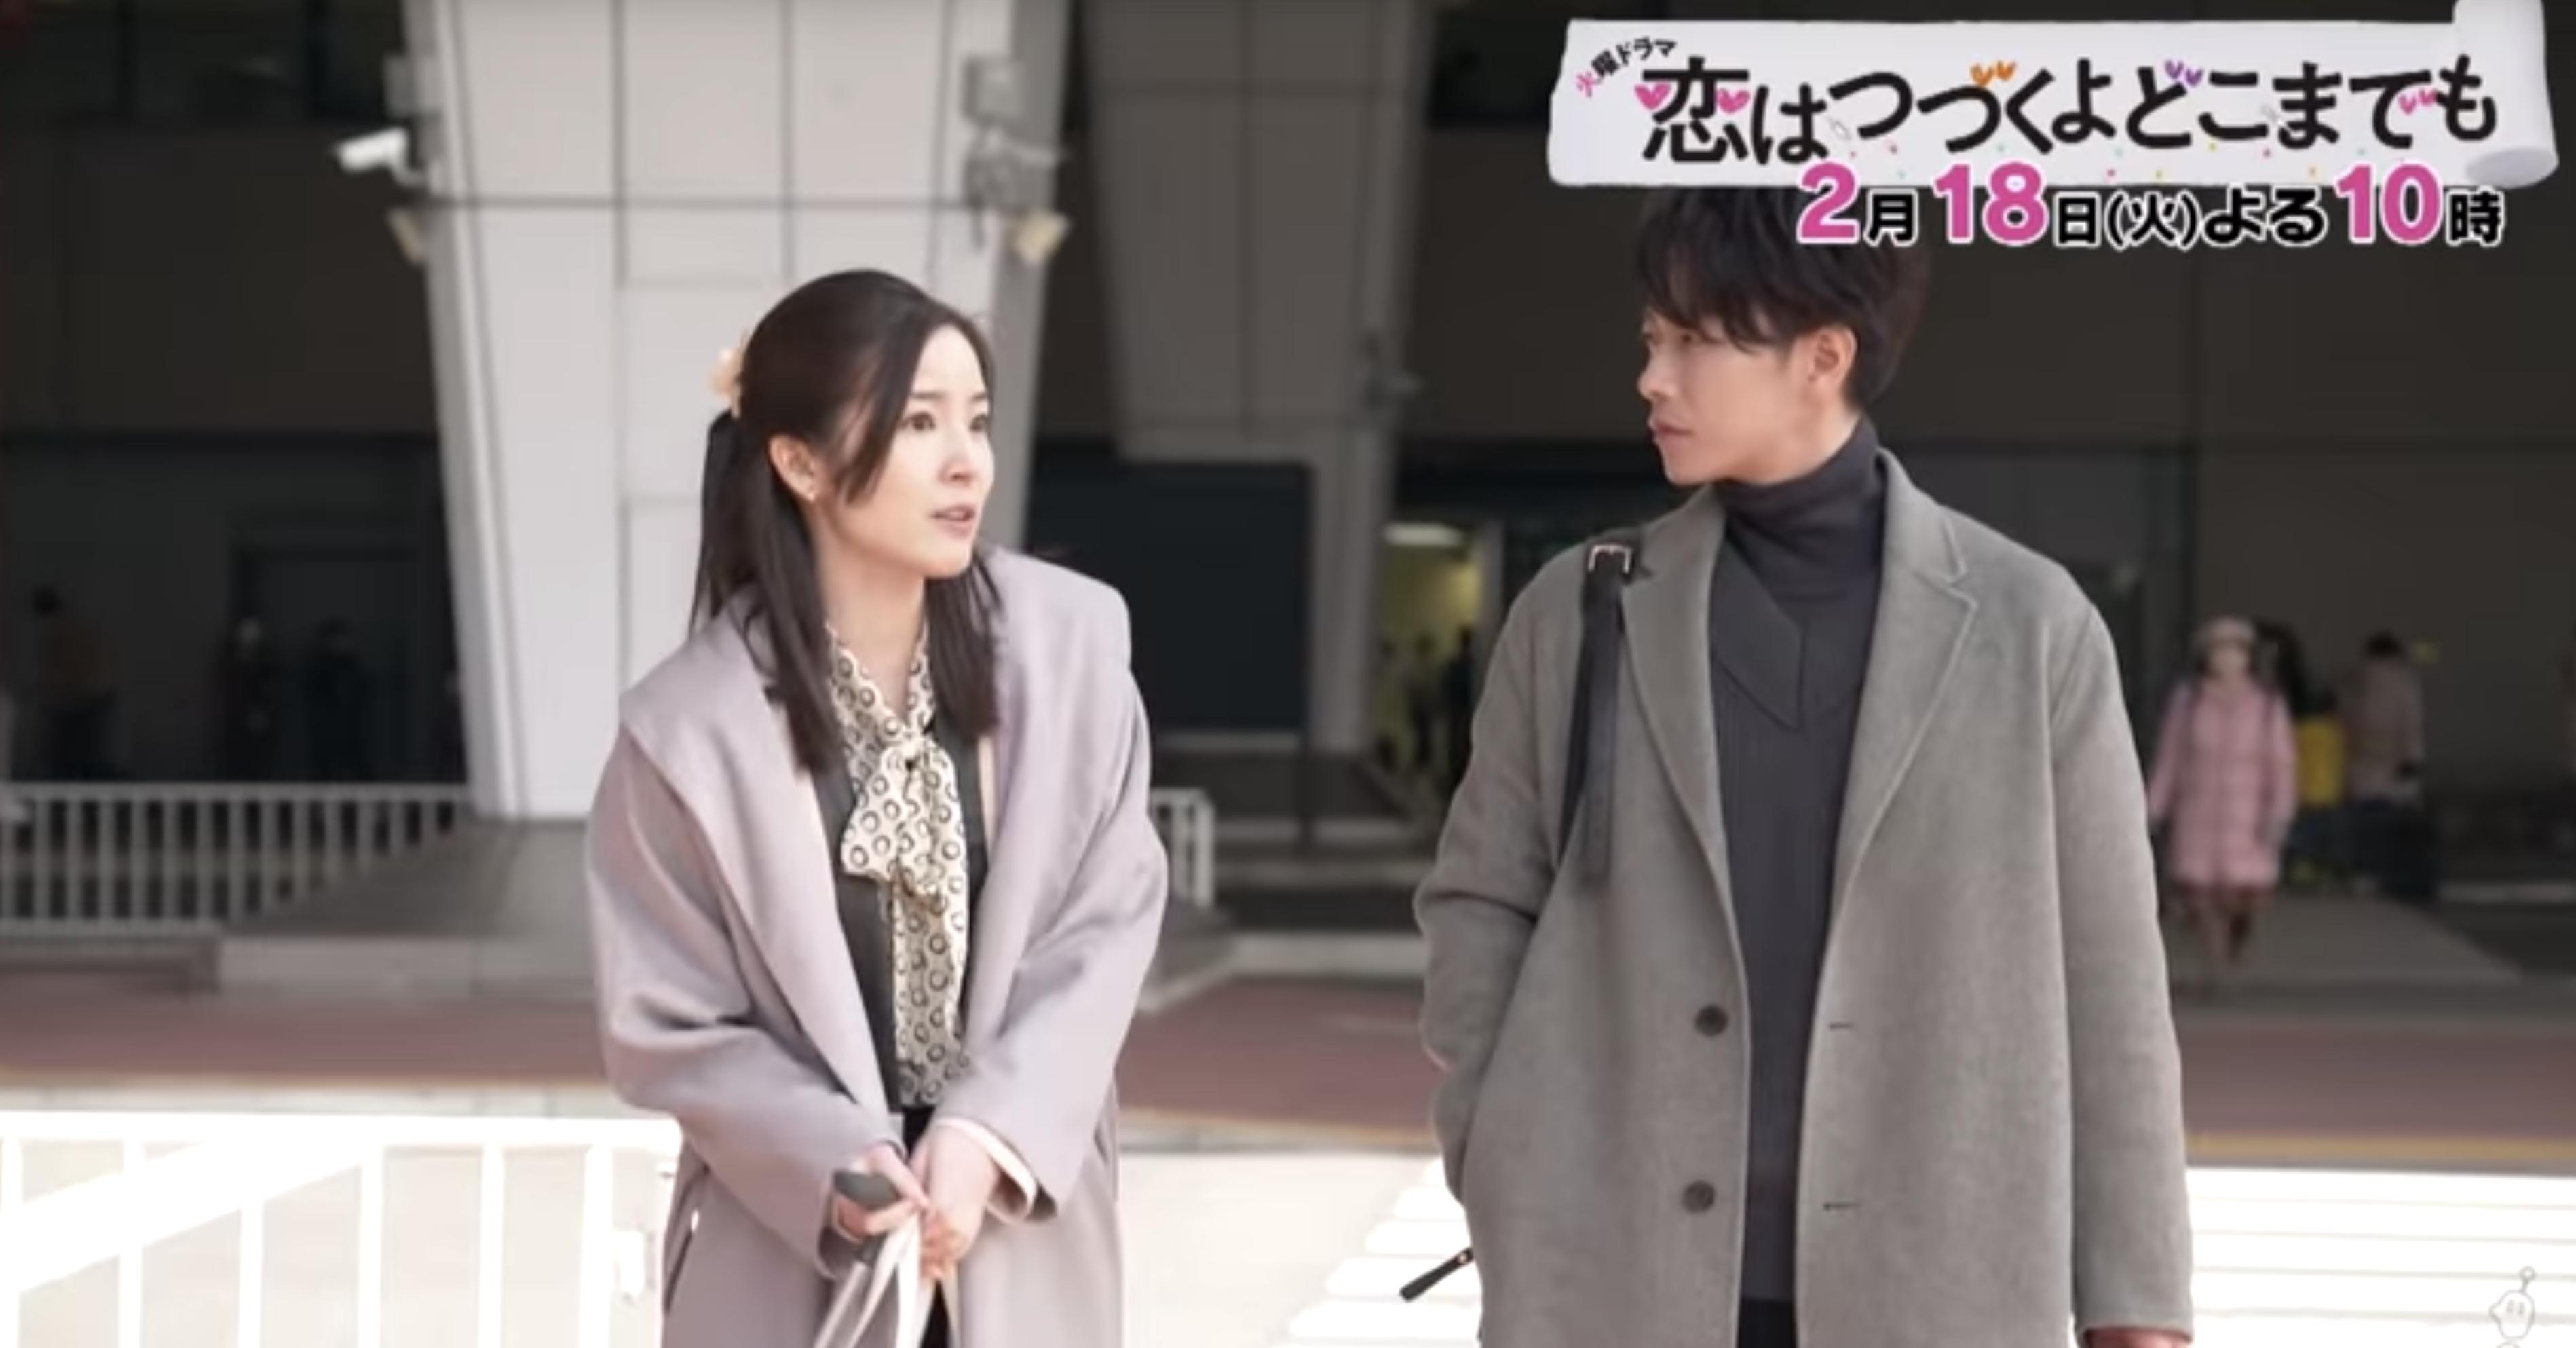 佐藤健(恋つづ)の6話~10話の衣装ブランドは?コートやハイネックも!